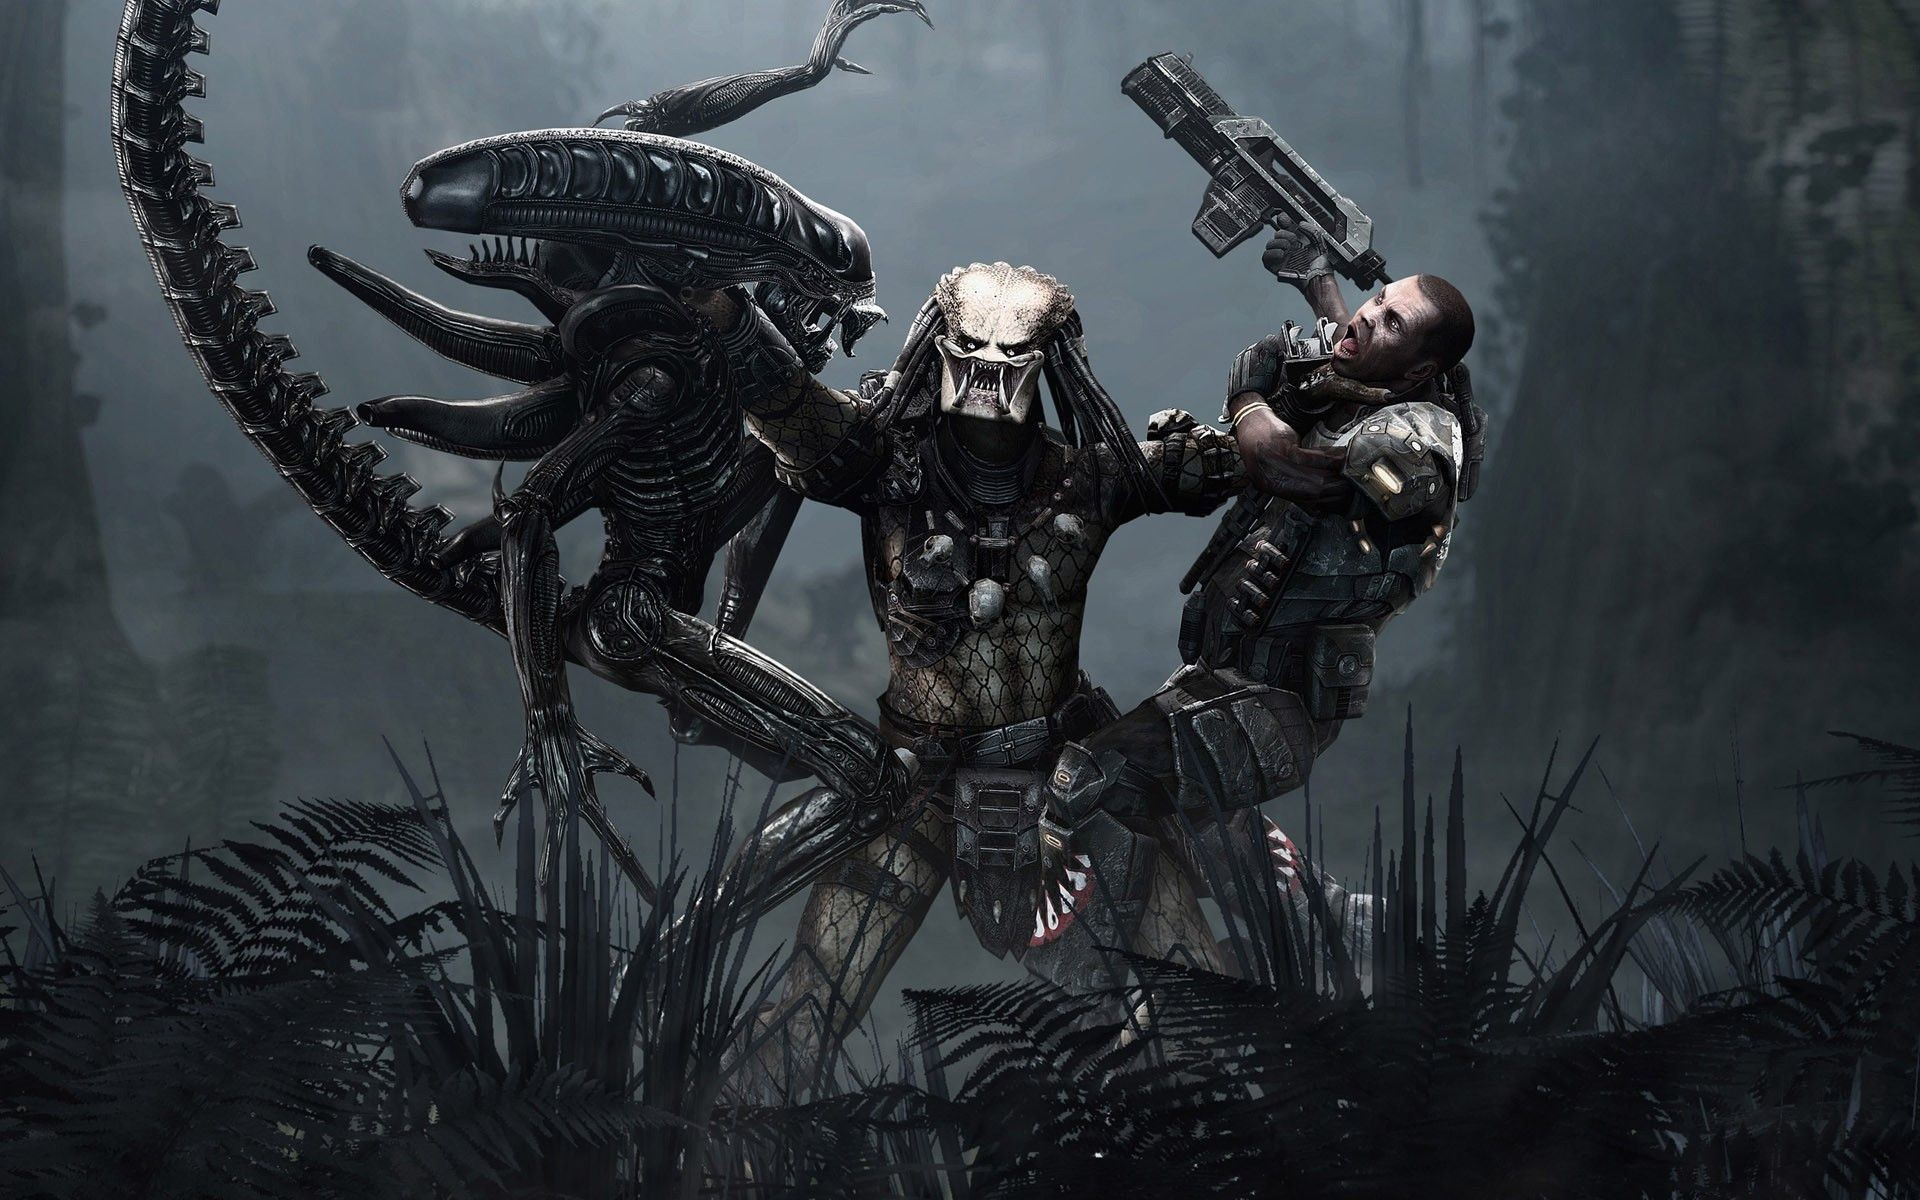 Alien Vs Predator Wallpaper 80 Images